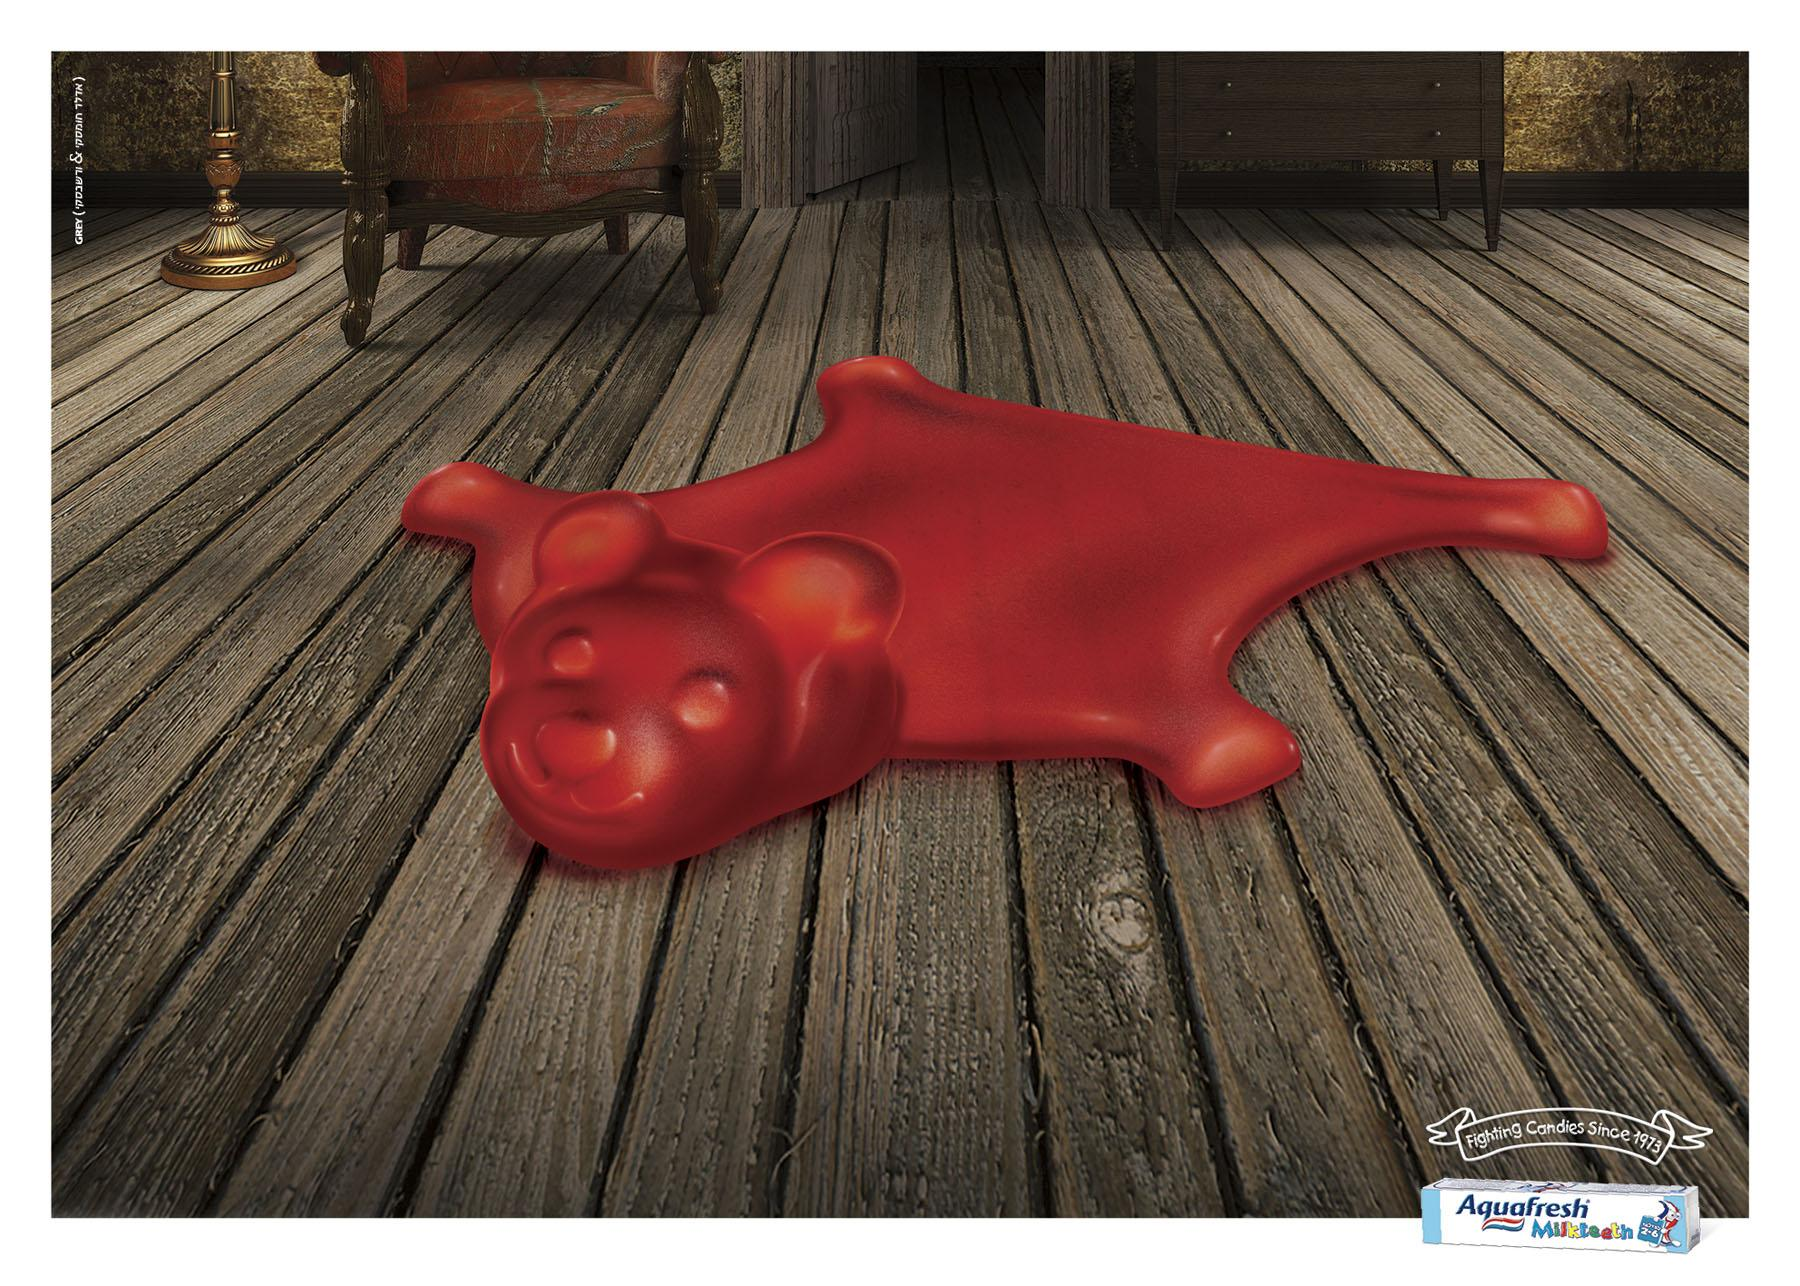 Aquafresh Print Ad -  Gummy bear